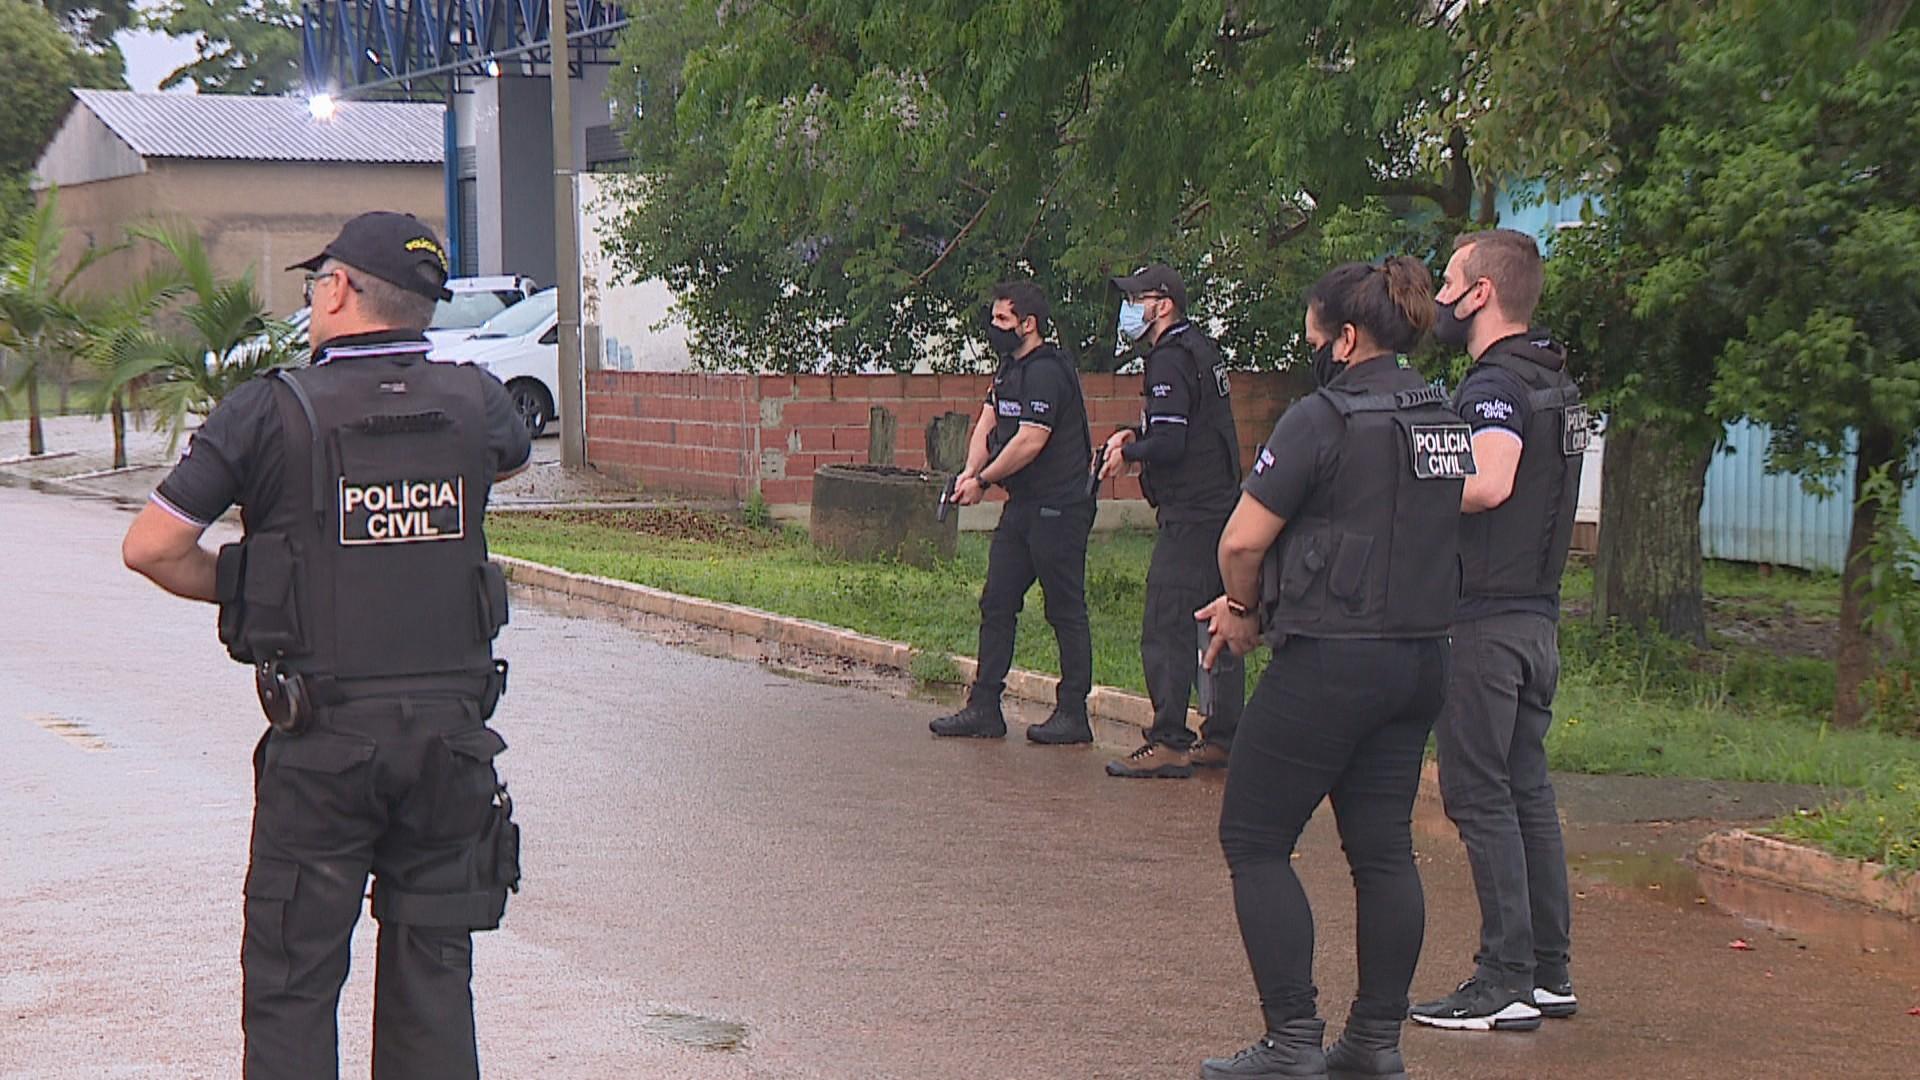 Polícia do RS prende grupo que vigiava órgãos de segurança pública e repassava informações a traficantes